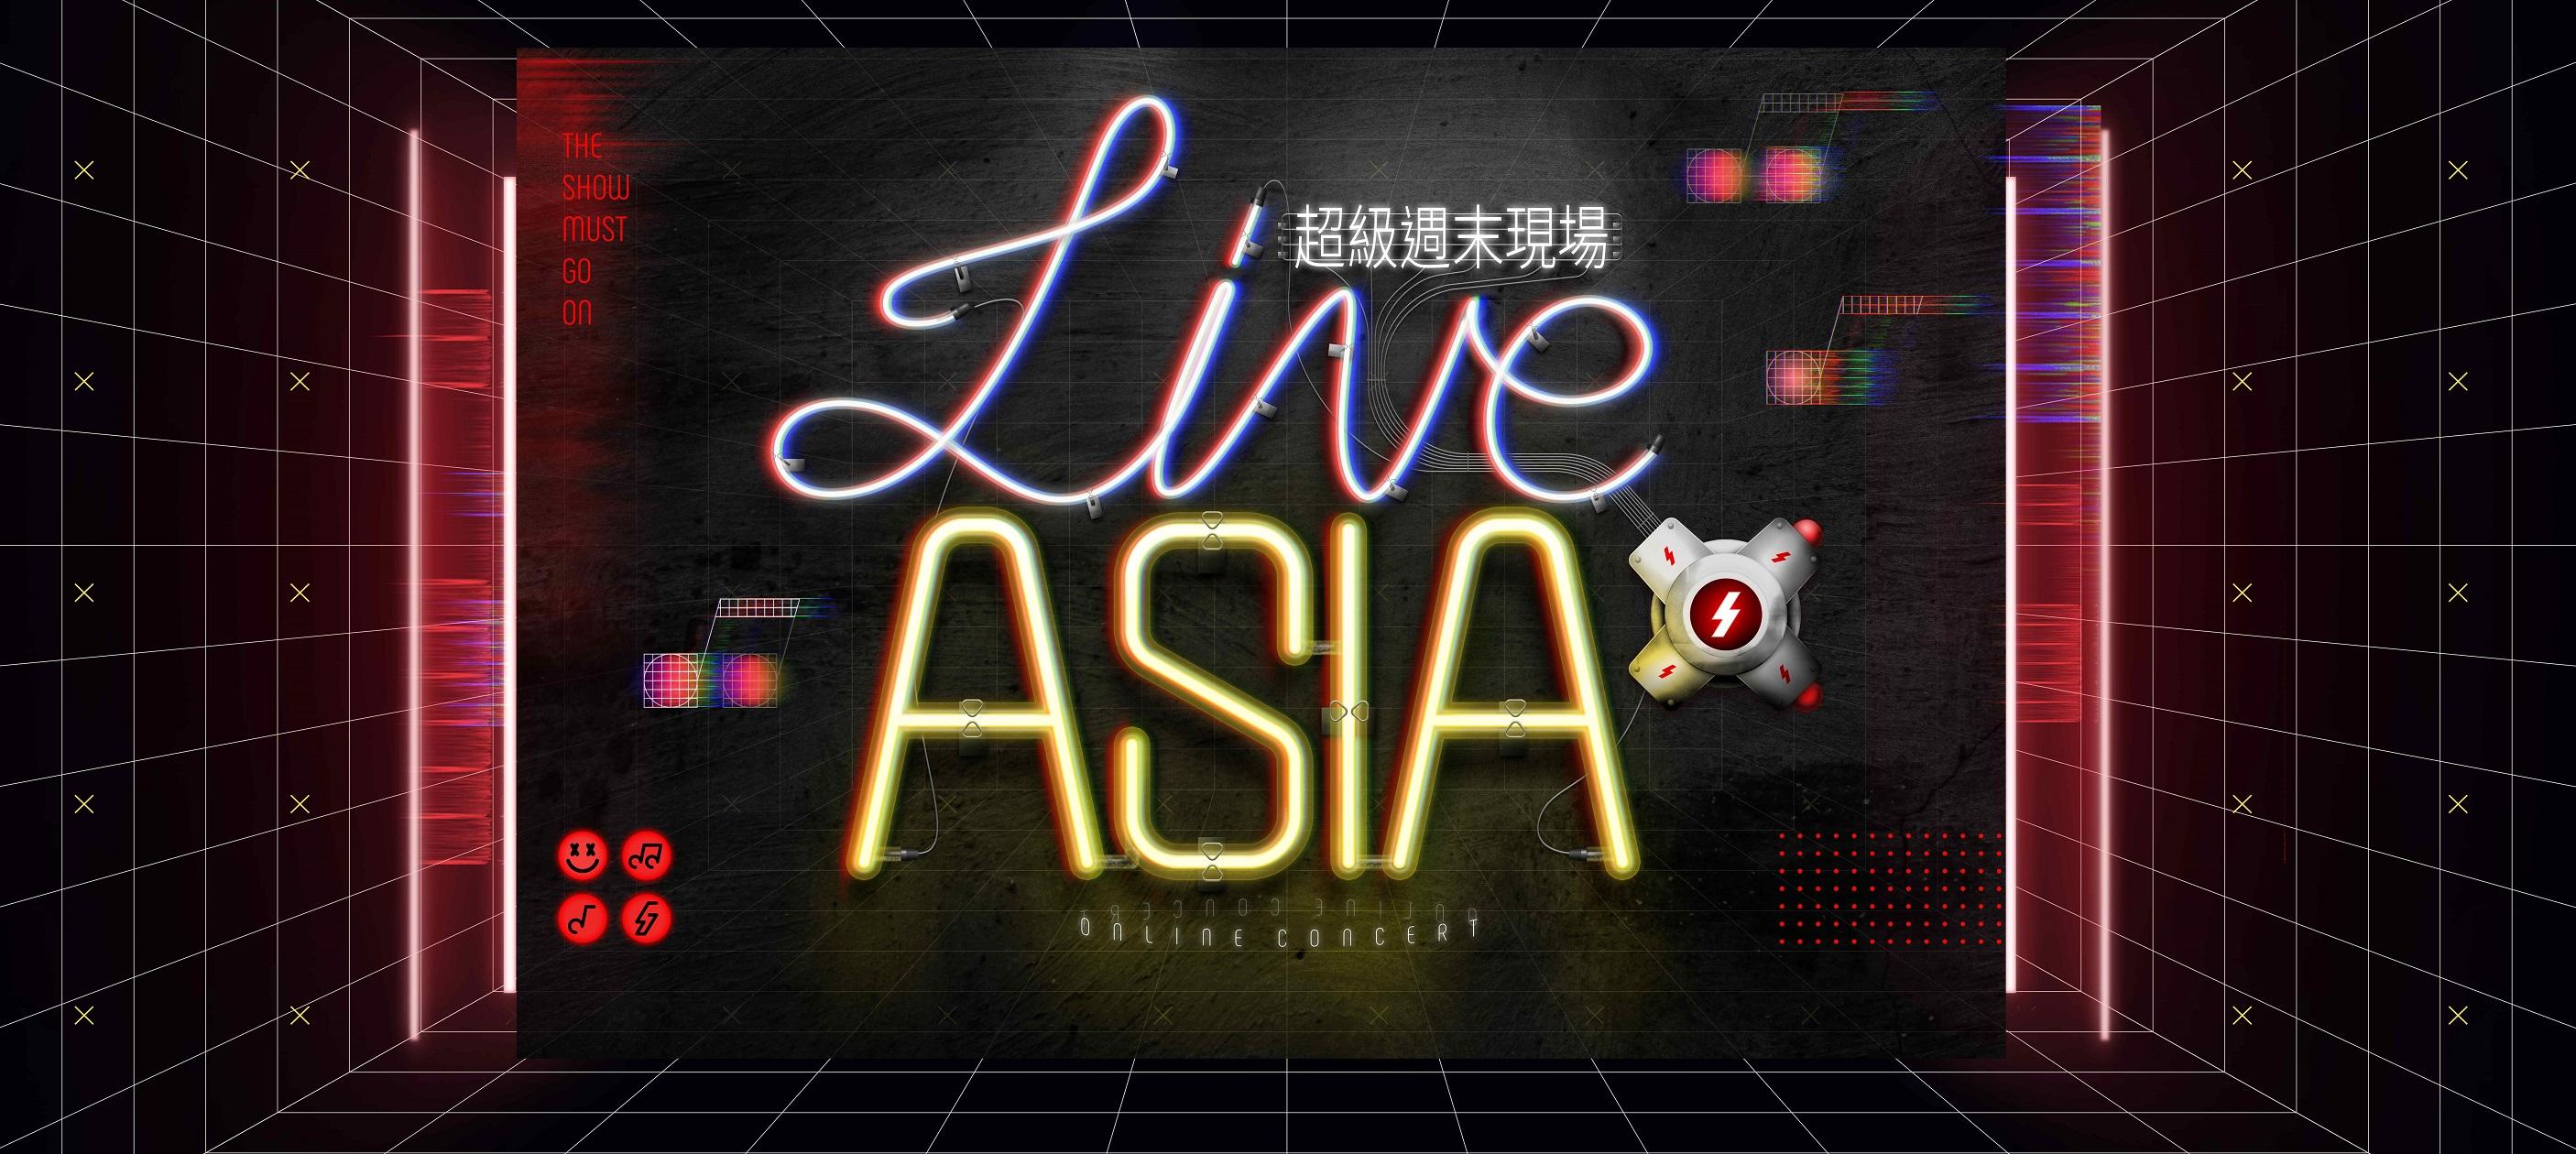 LiveAsia 超級週末現場